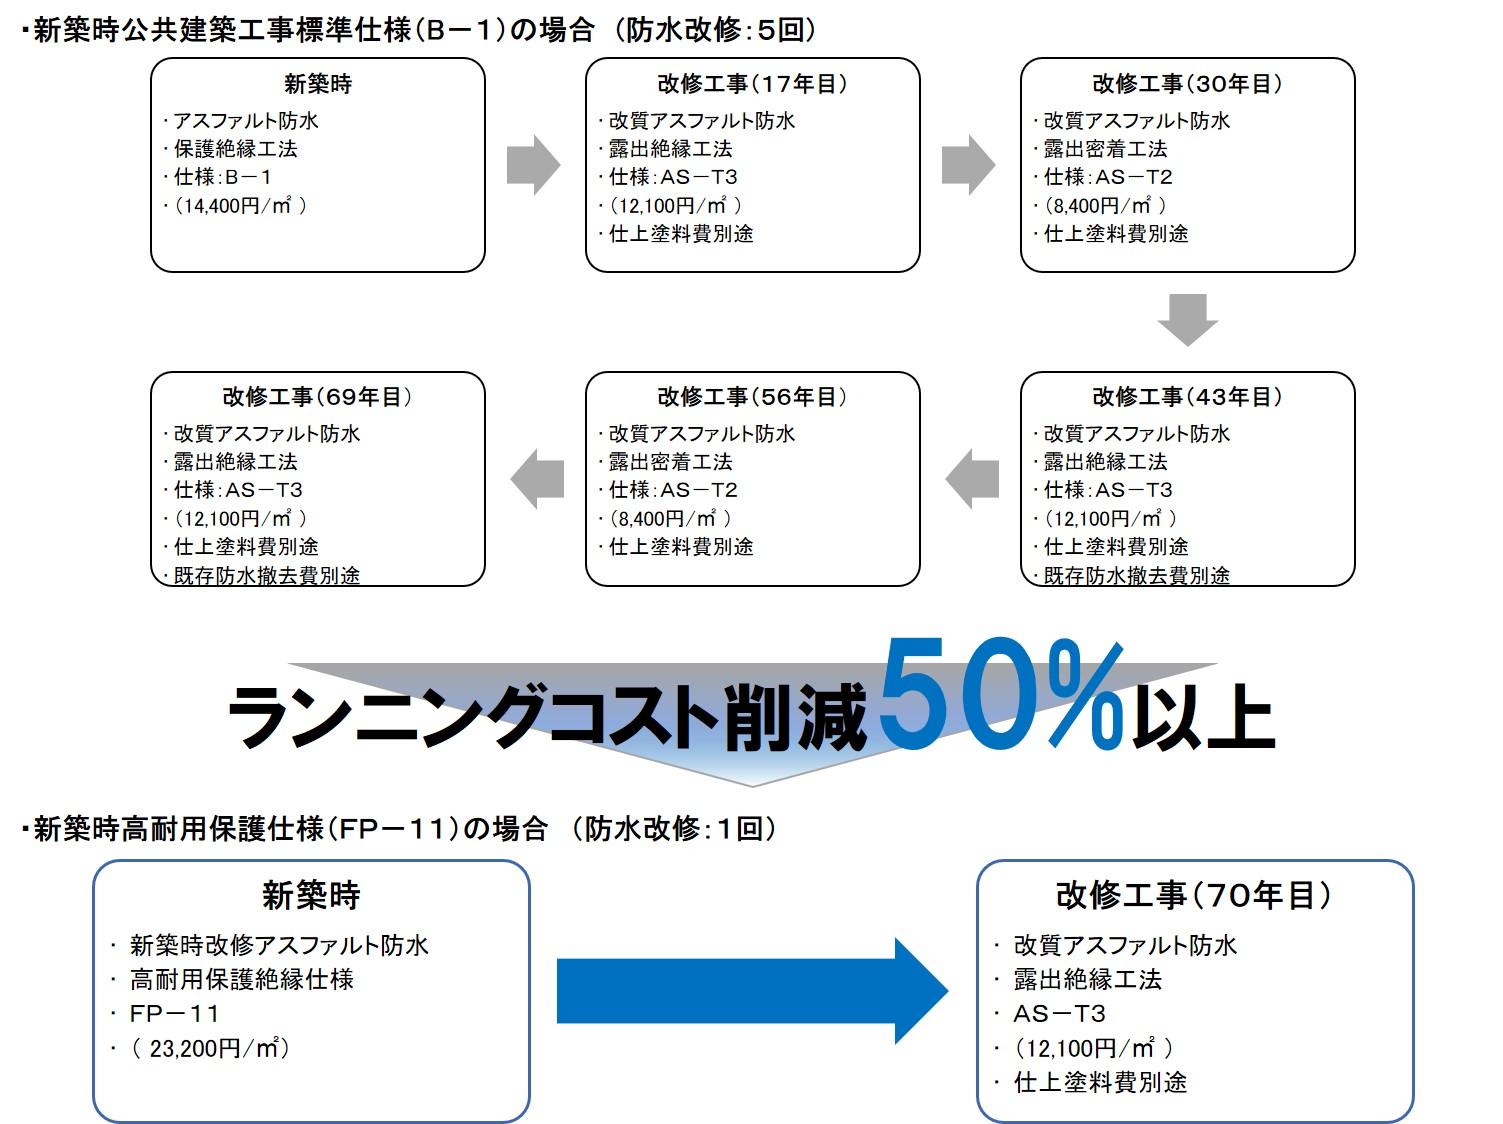 国交省仕様と日本アス仕様のランニングコスト比較